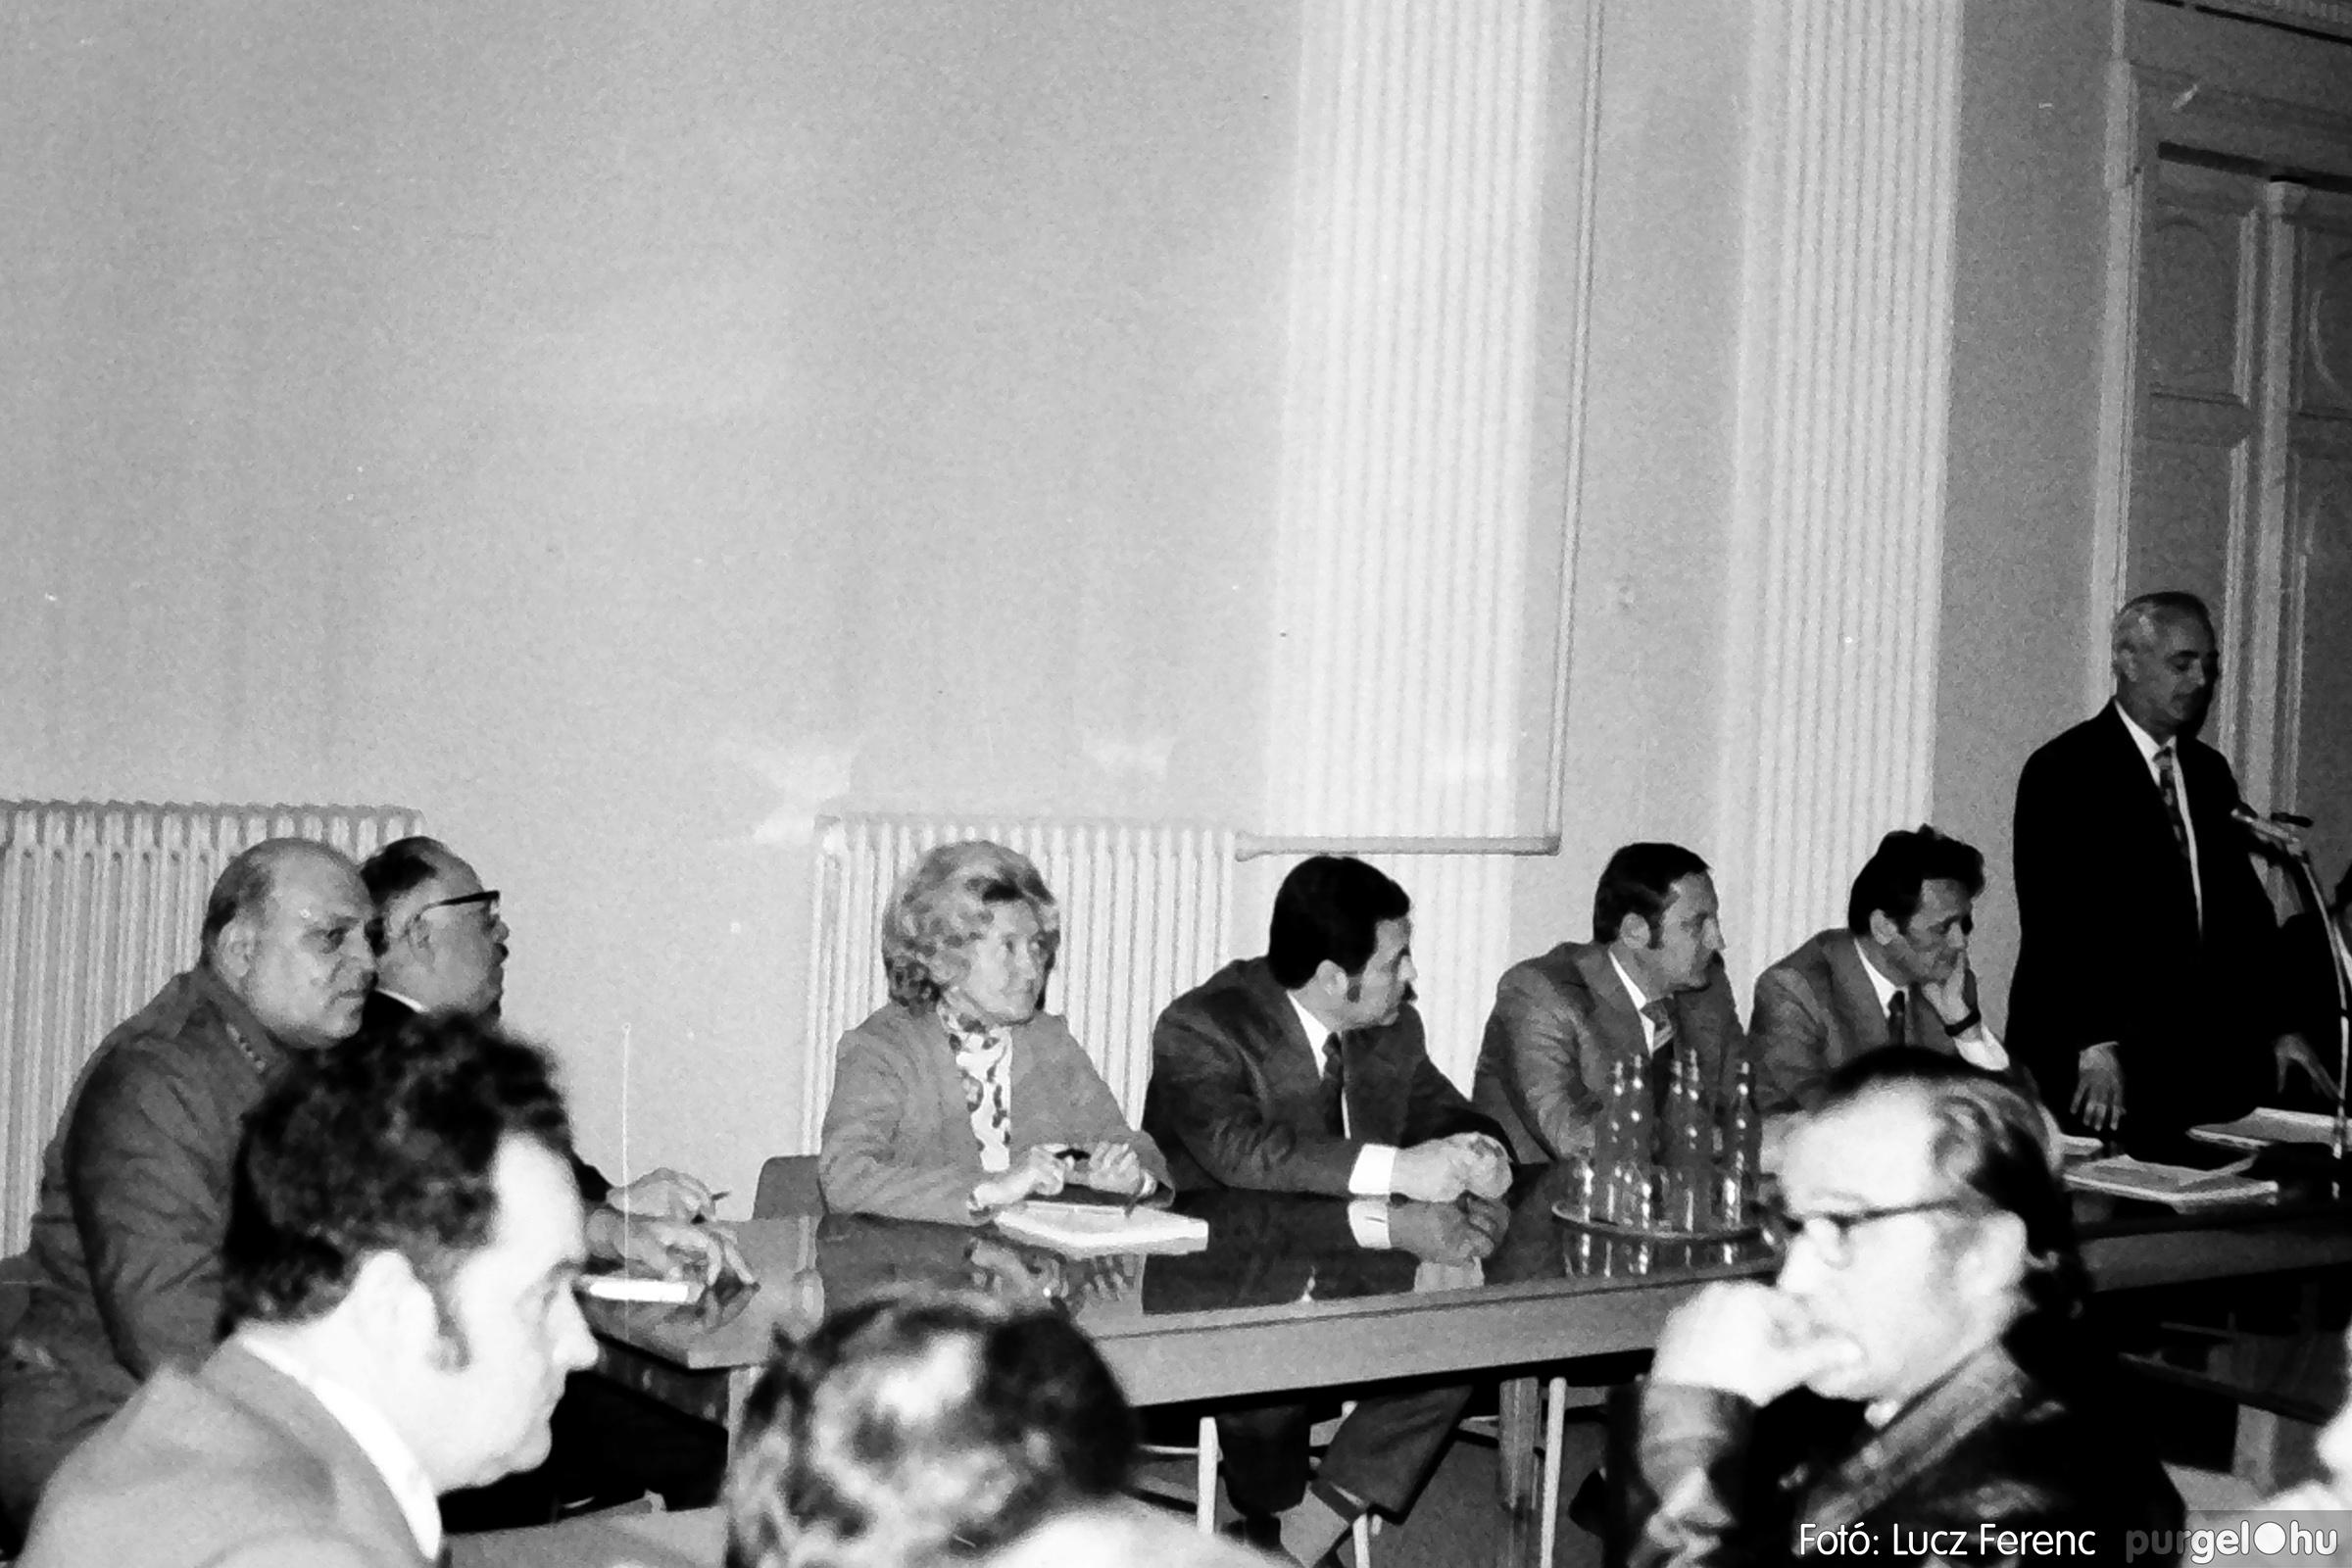 072. 1977. ÁFÉSZ küldöttgyűlés a szentesi megyeházban 003. - Fotó: Lucz Ferenc.jpg